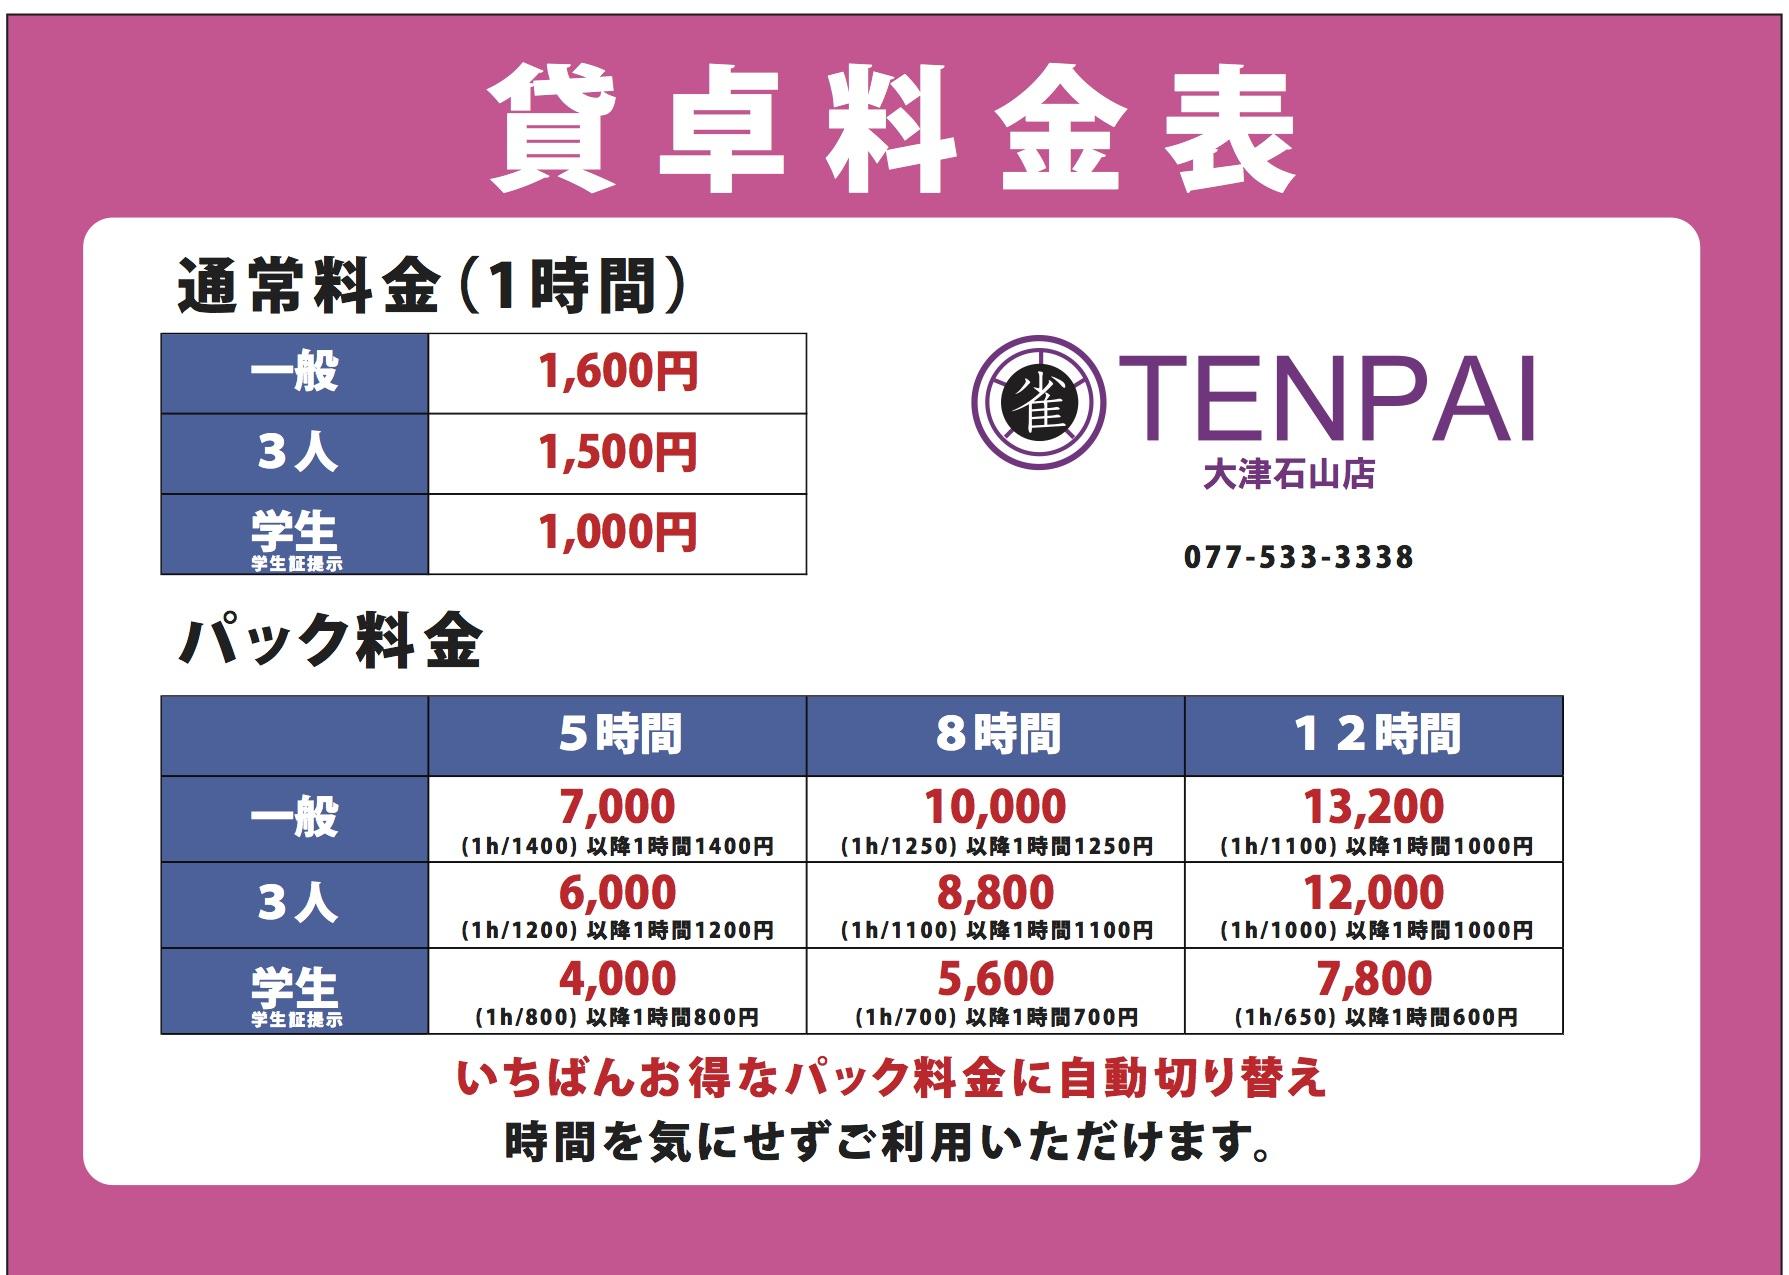 雀荘 TENPAI 大津石山店のお知らせ写真